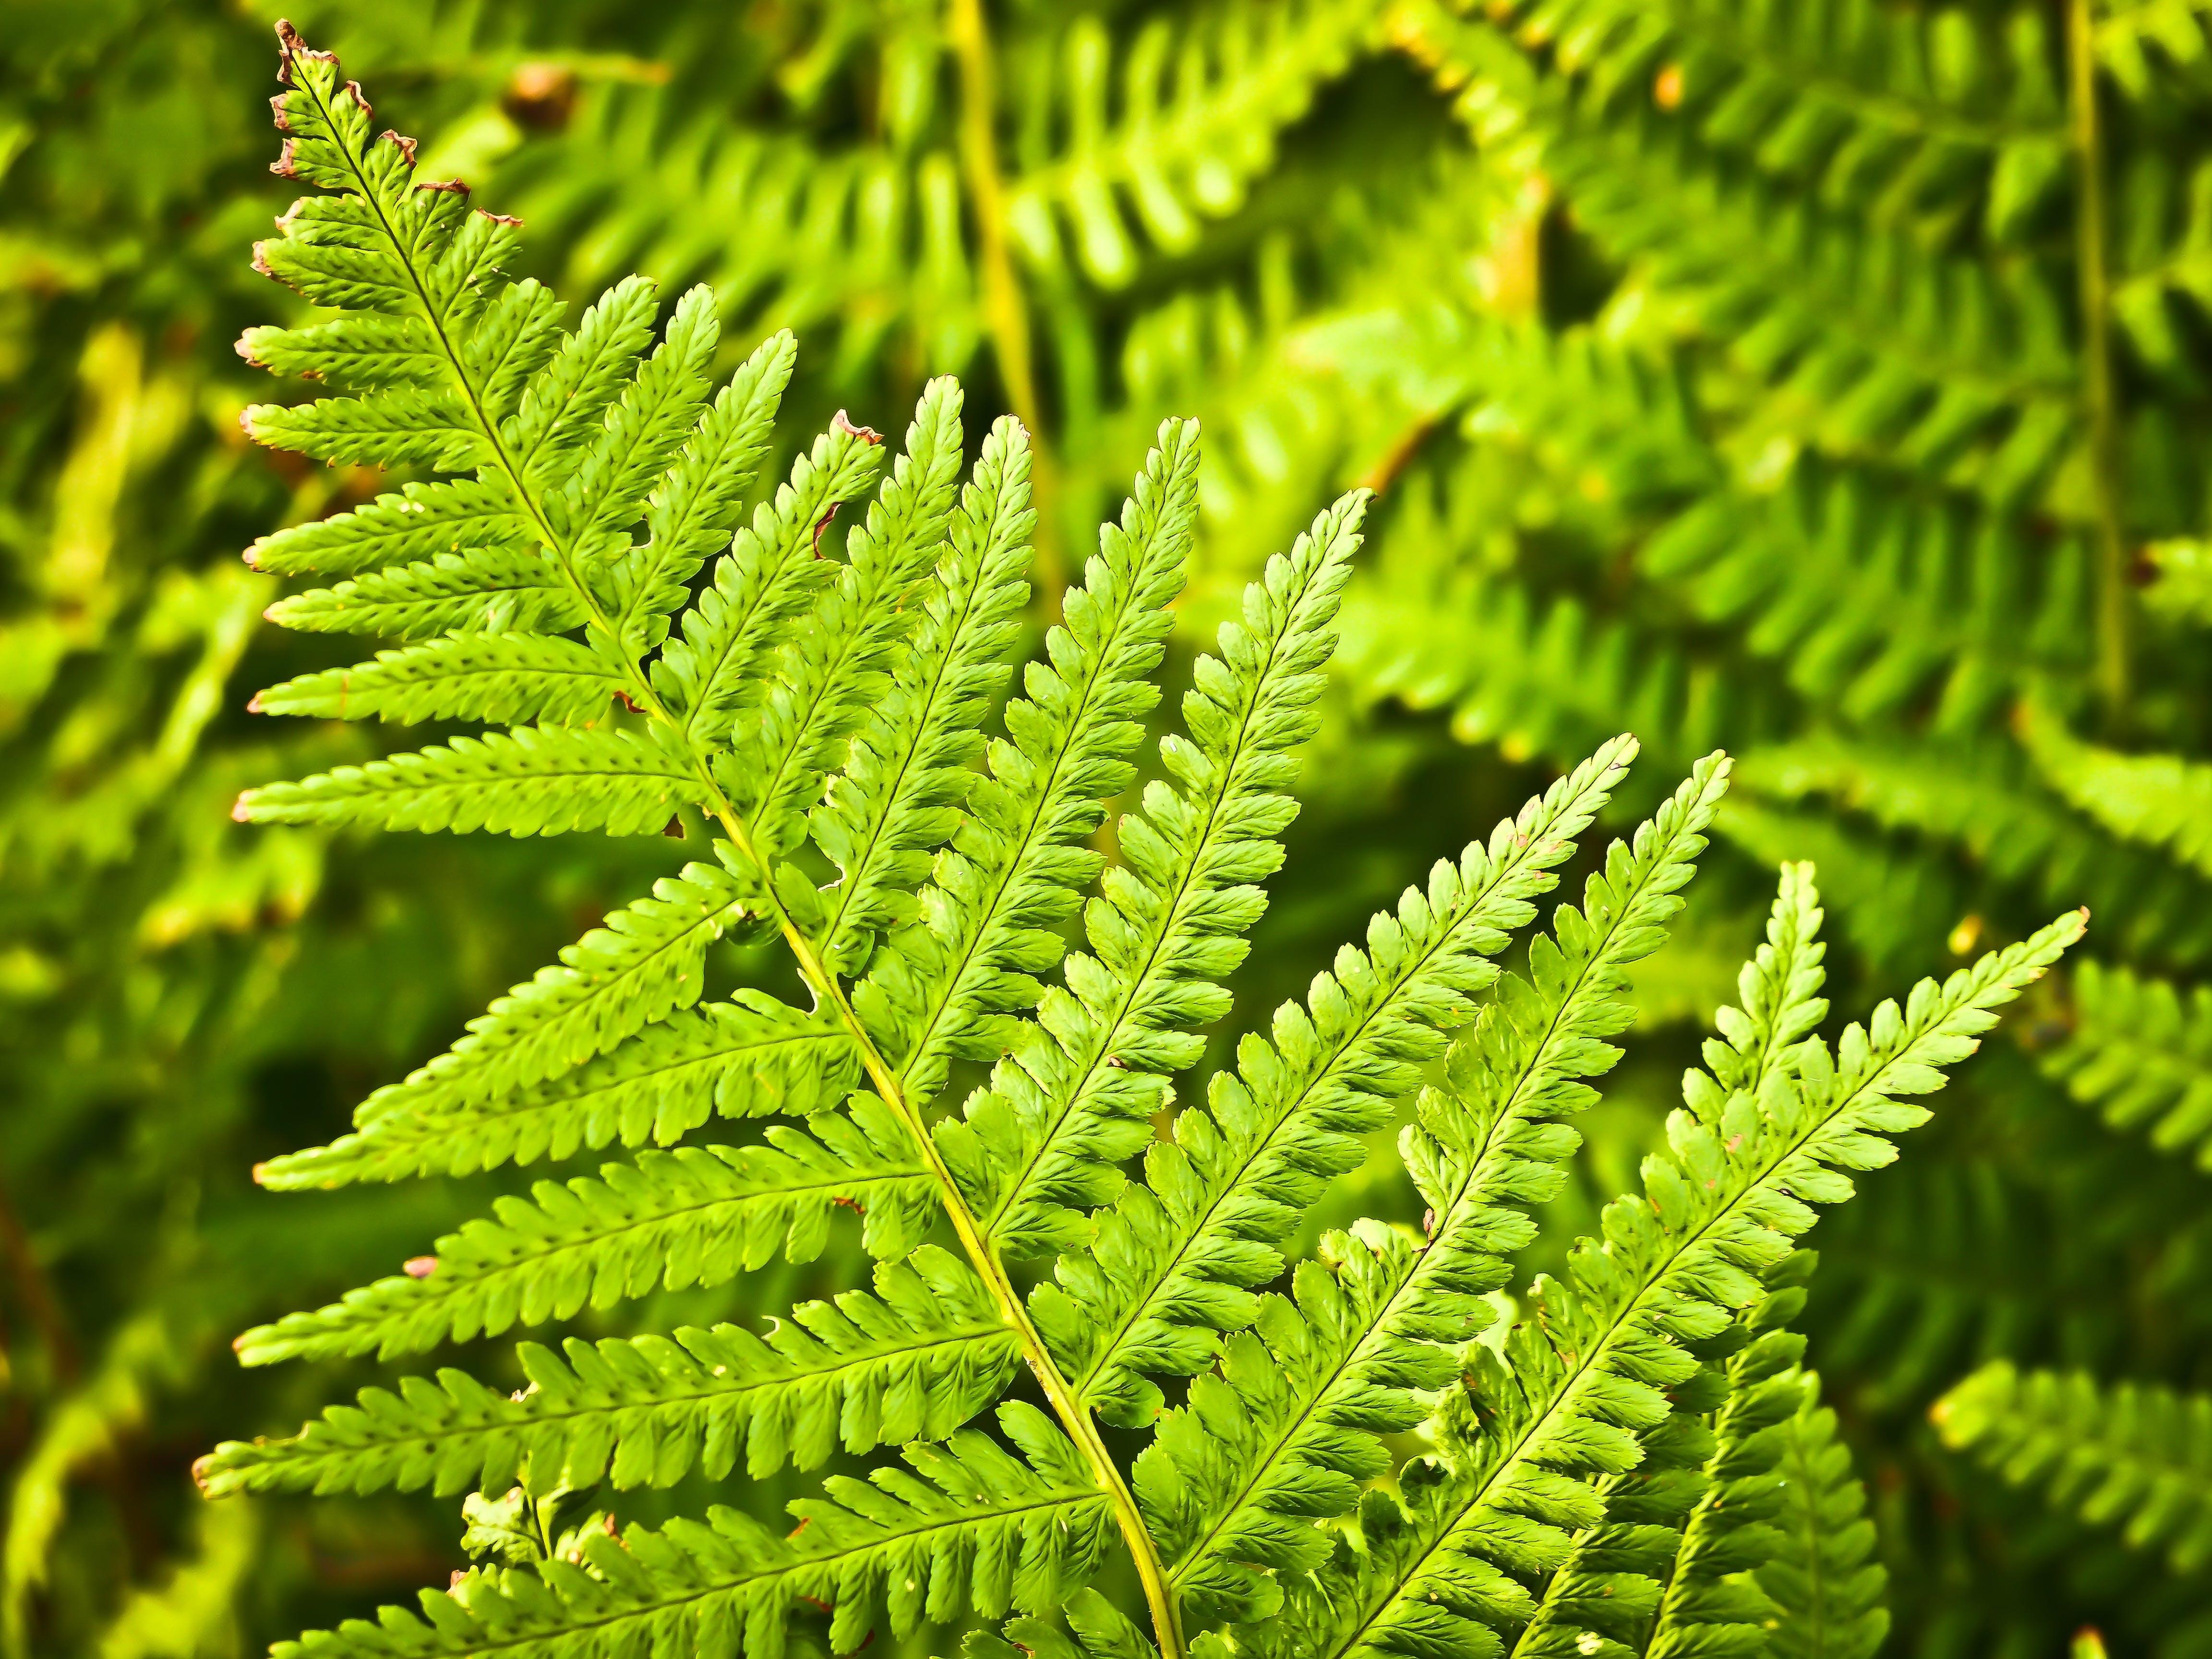 bosque, botánica, ecosistema